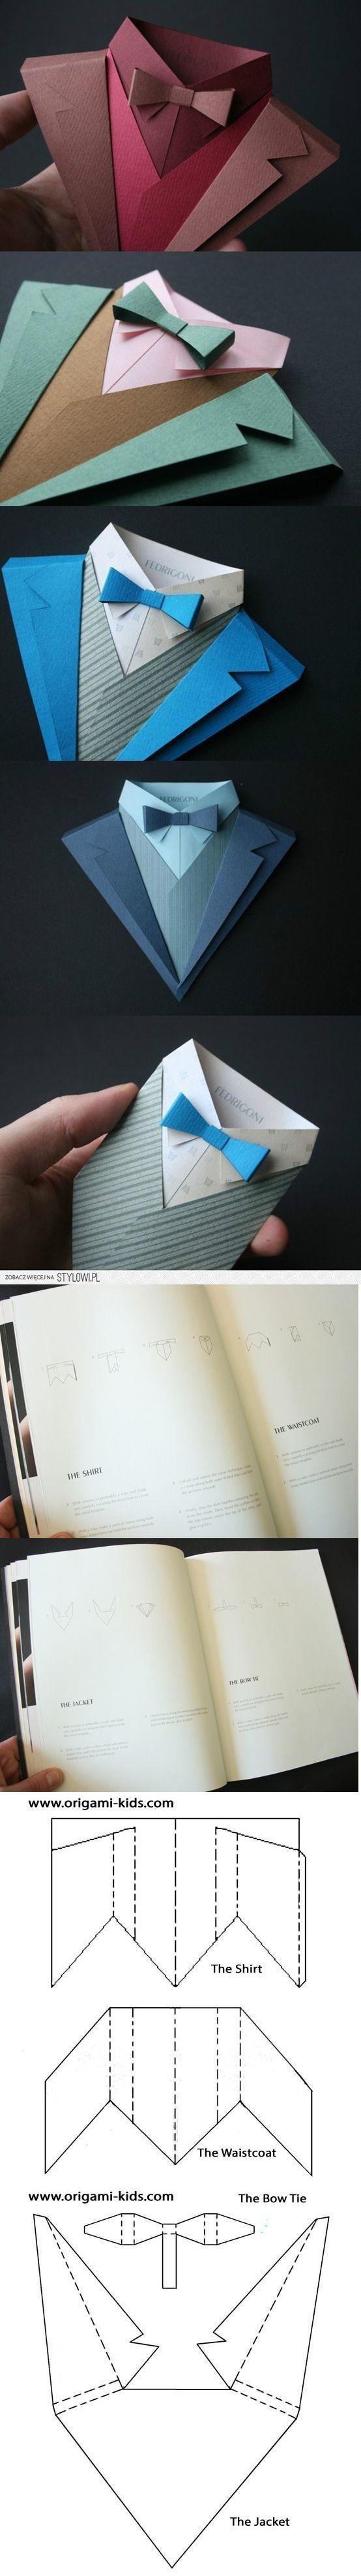 Camisa origami - manualidades para el día del padre - tarjeta de felicitación - DIY: